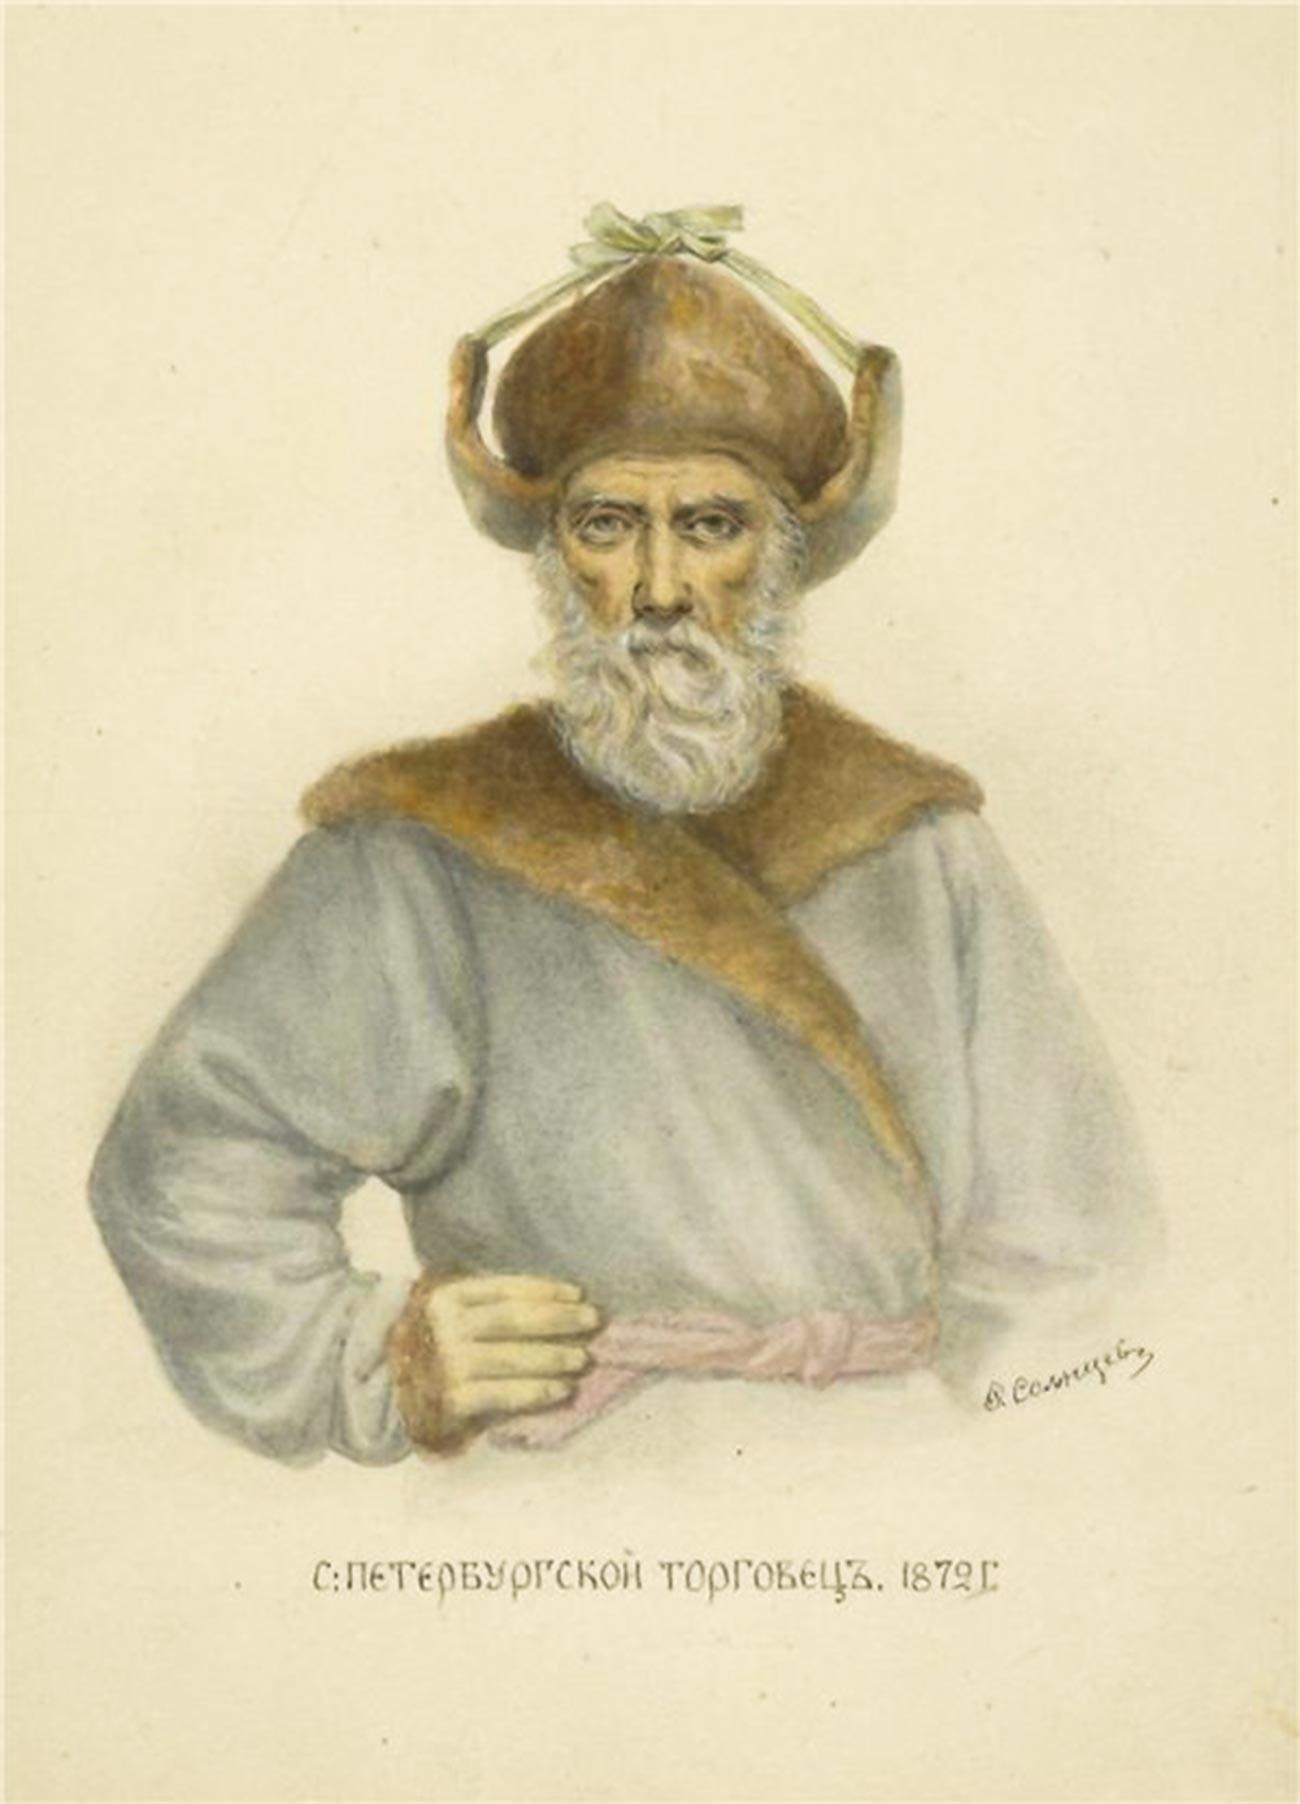 Търговец от Санкт Петербург в треух, 1872 г.